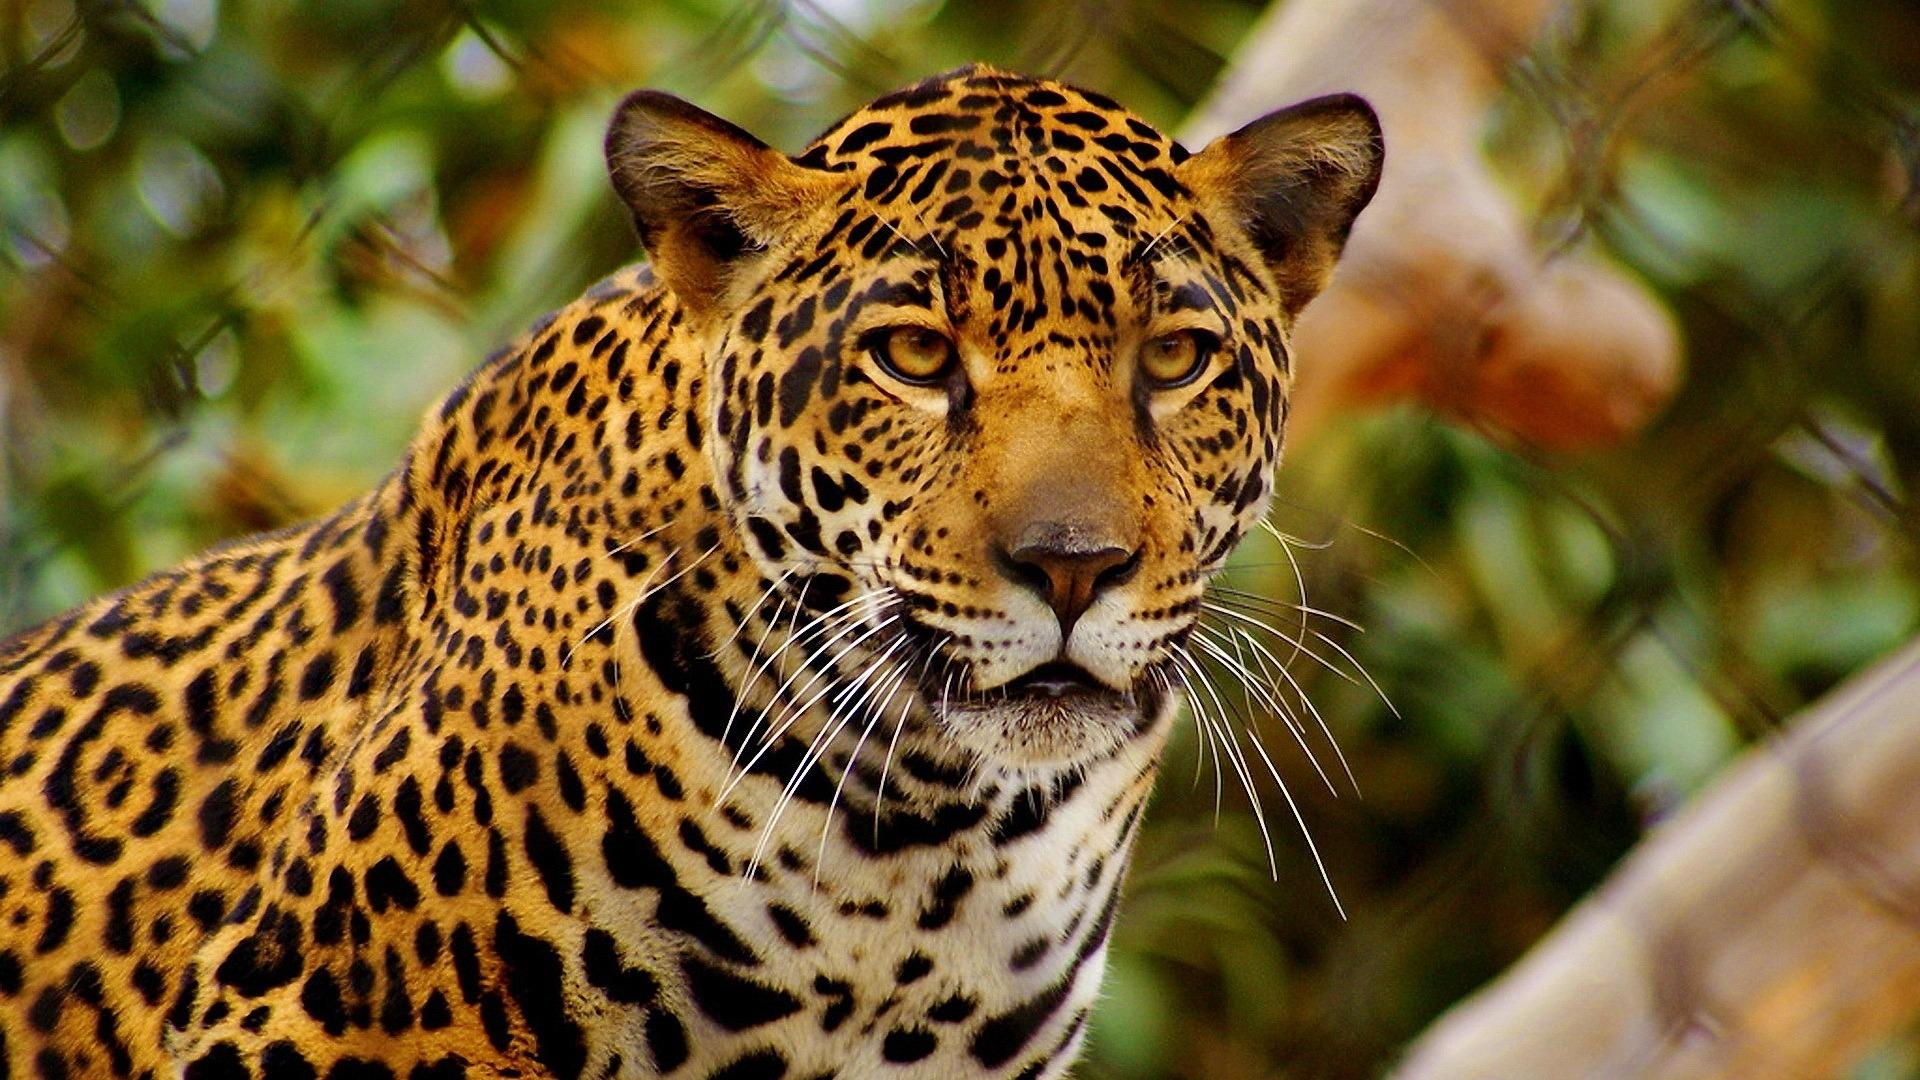 jaguar | wiki reino animalia | fandom poweredwikia